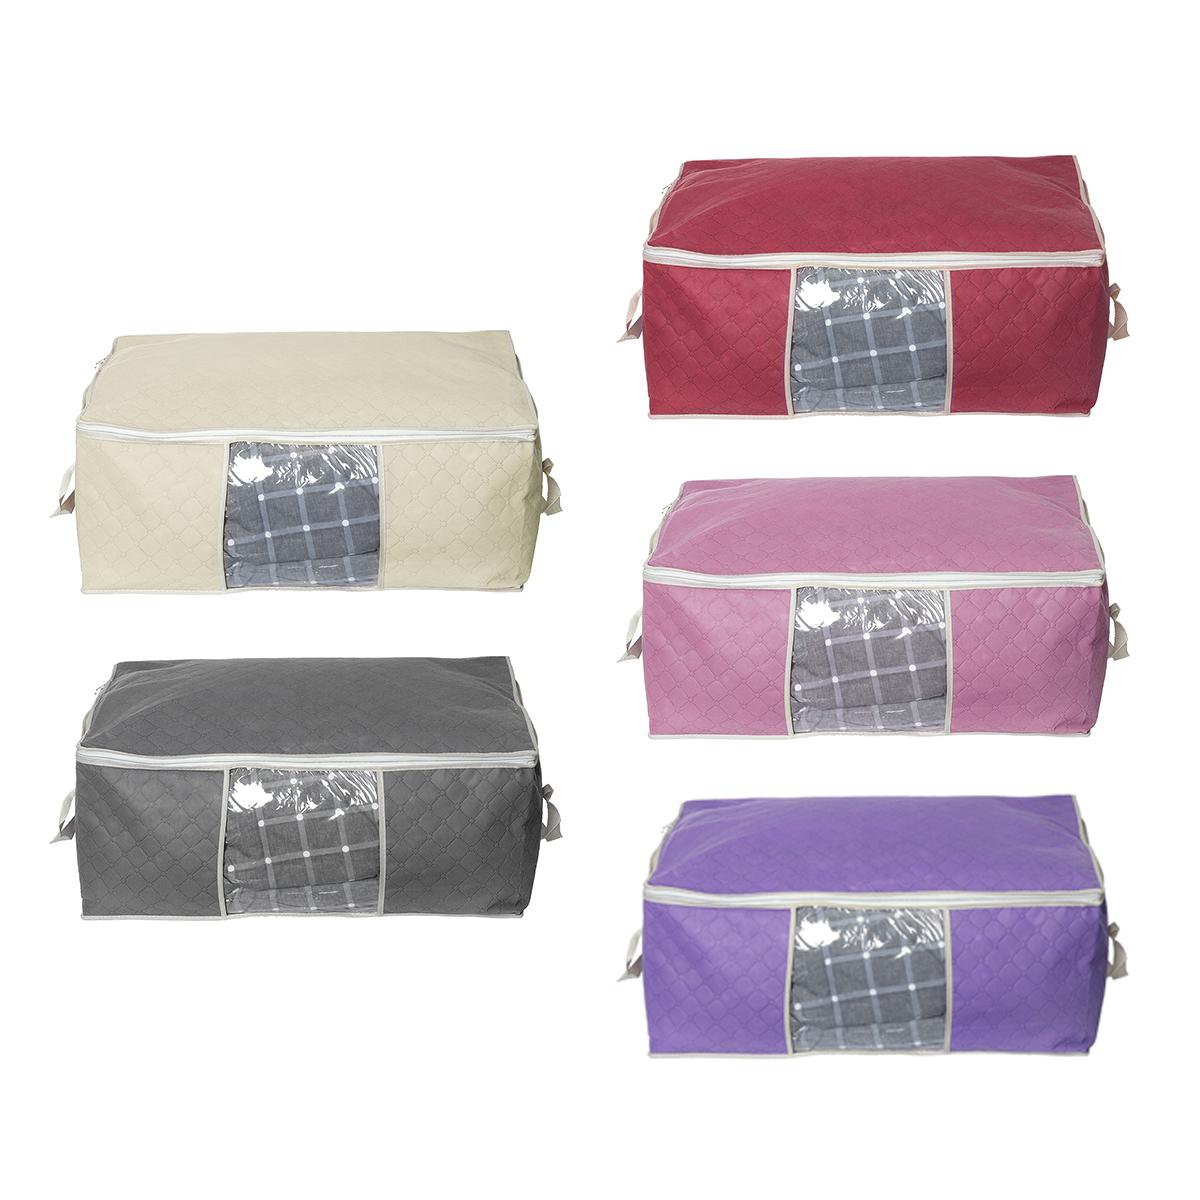 Складное хранение Сумка Одеяло для постельного белья Органайзер Держатель Чехол Корзины с ручкой